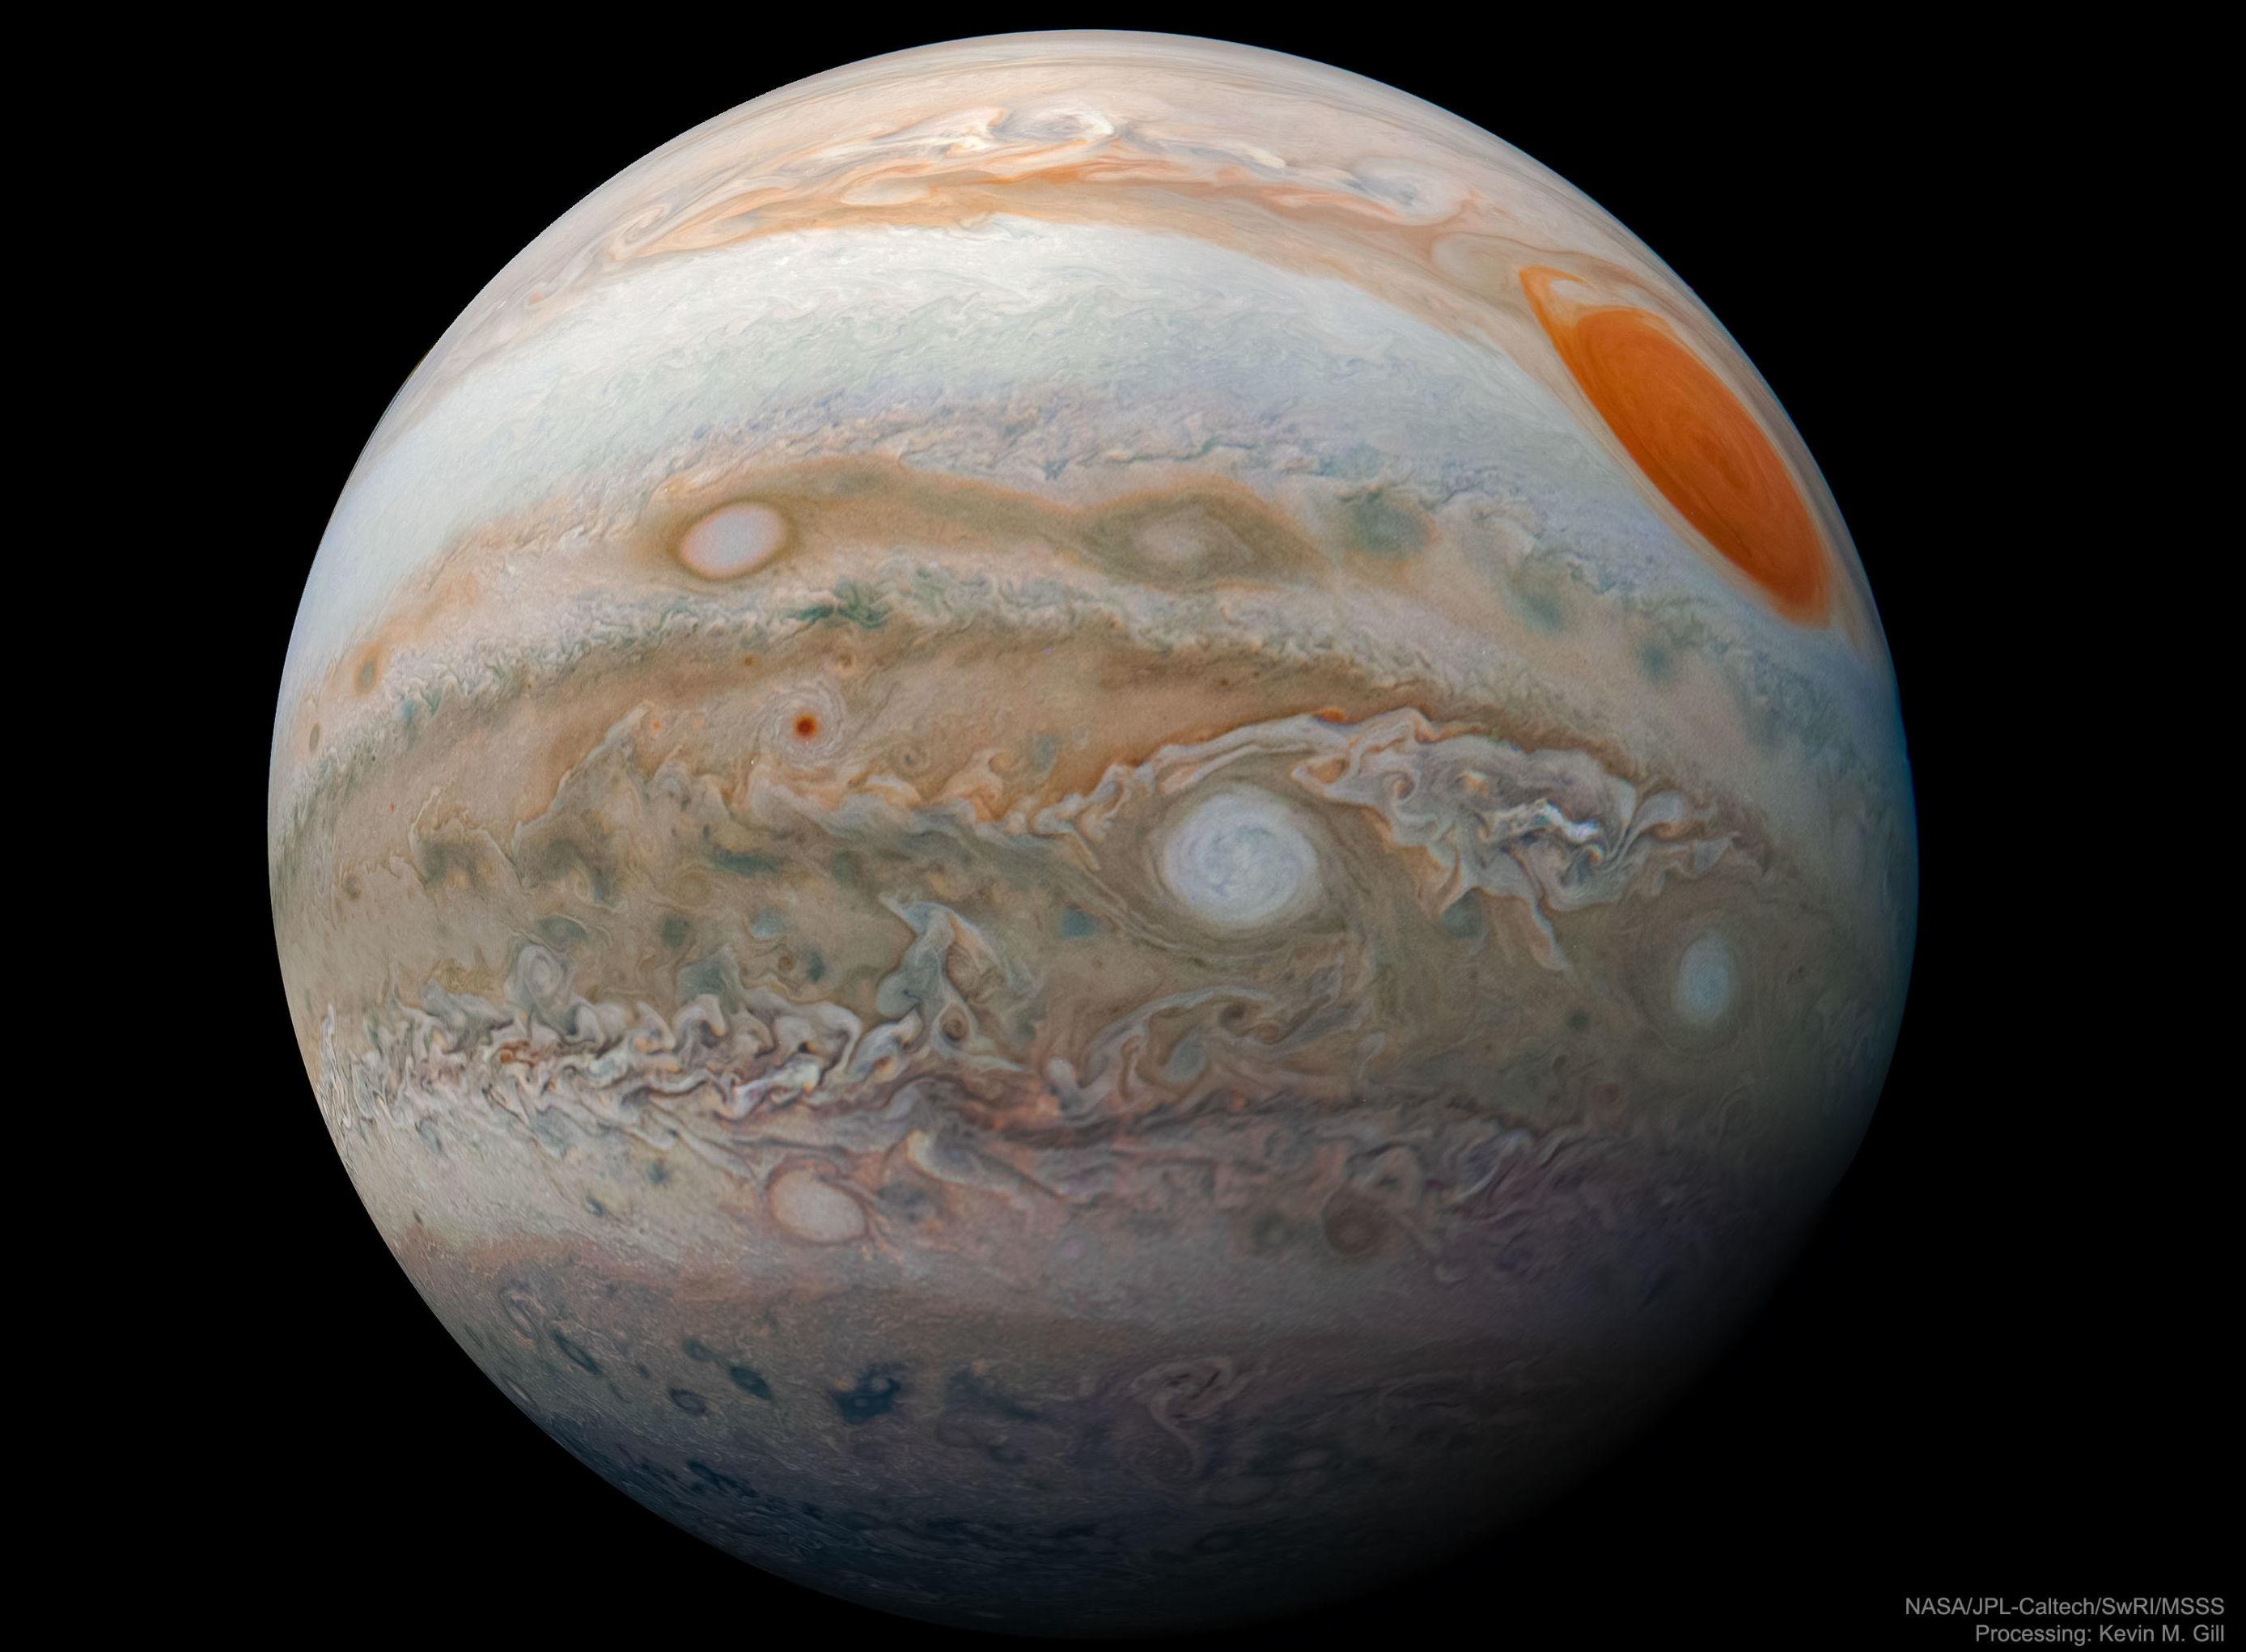 Imagem detalhada de Júpiter tirada pela sonda Juno da NASA